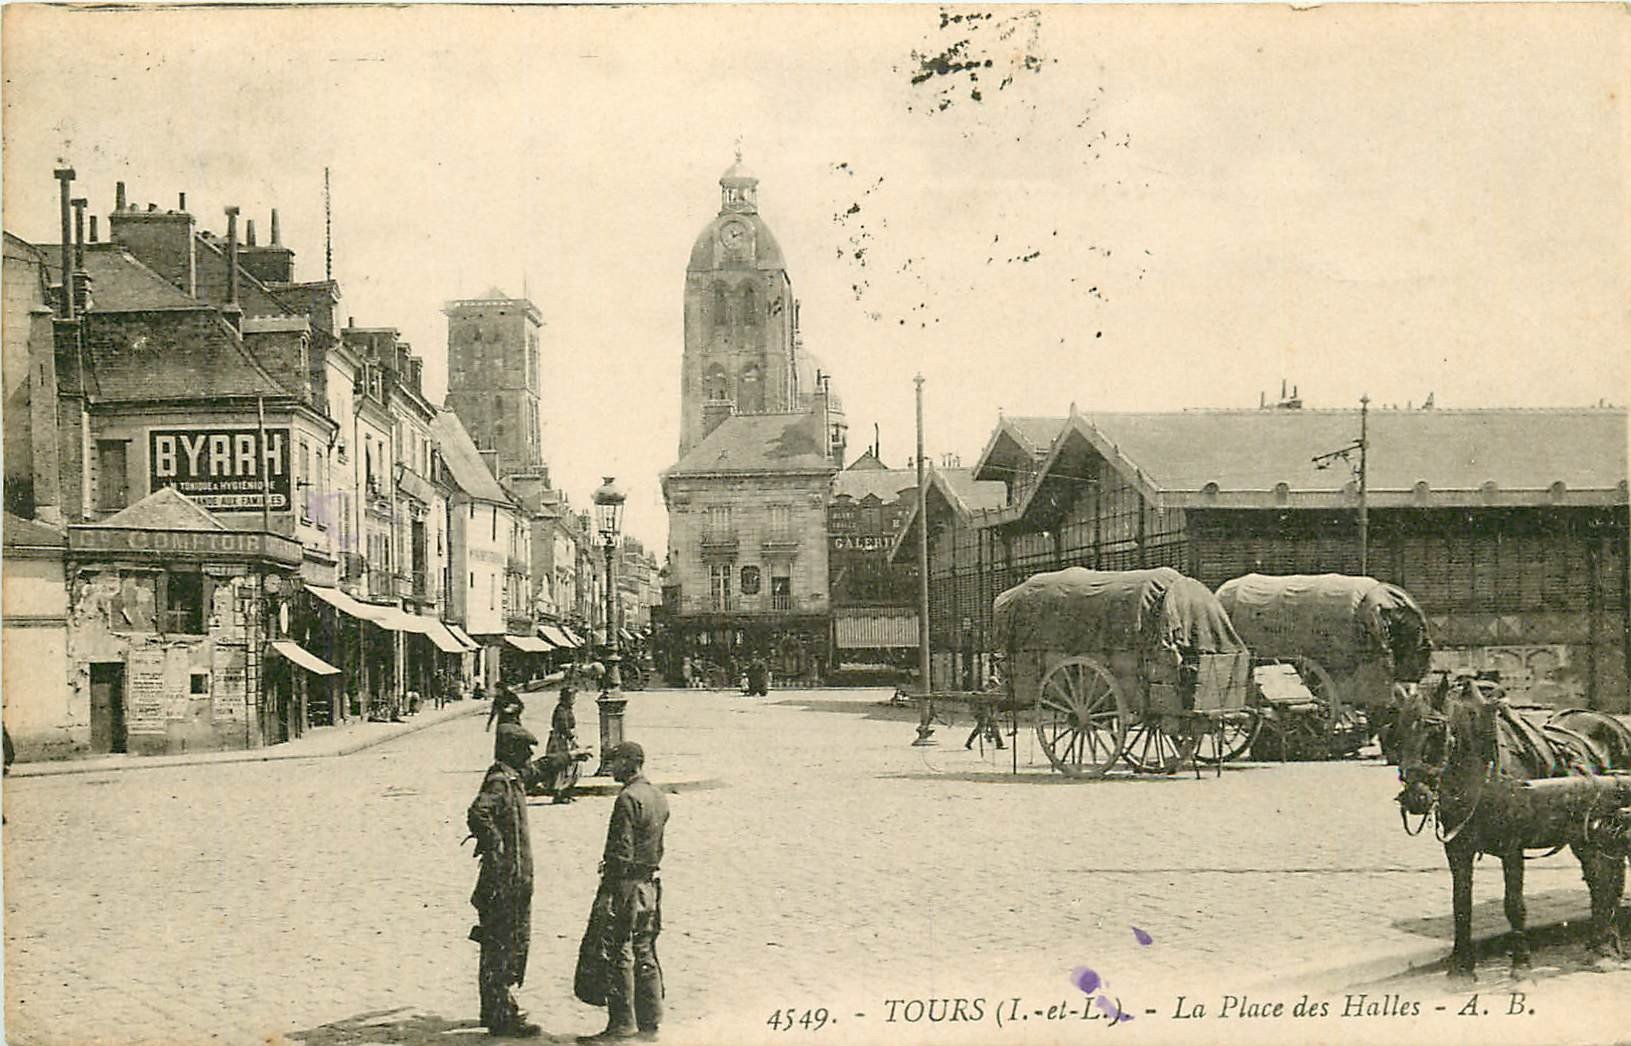 37 TOURS. Attelage sur la Place des Halles 1924 Panneau Byrrh